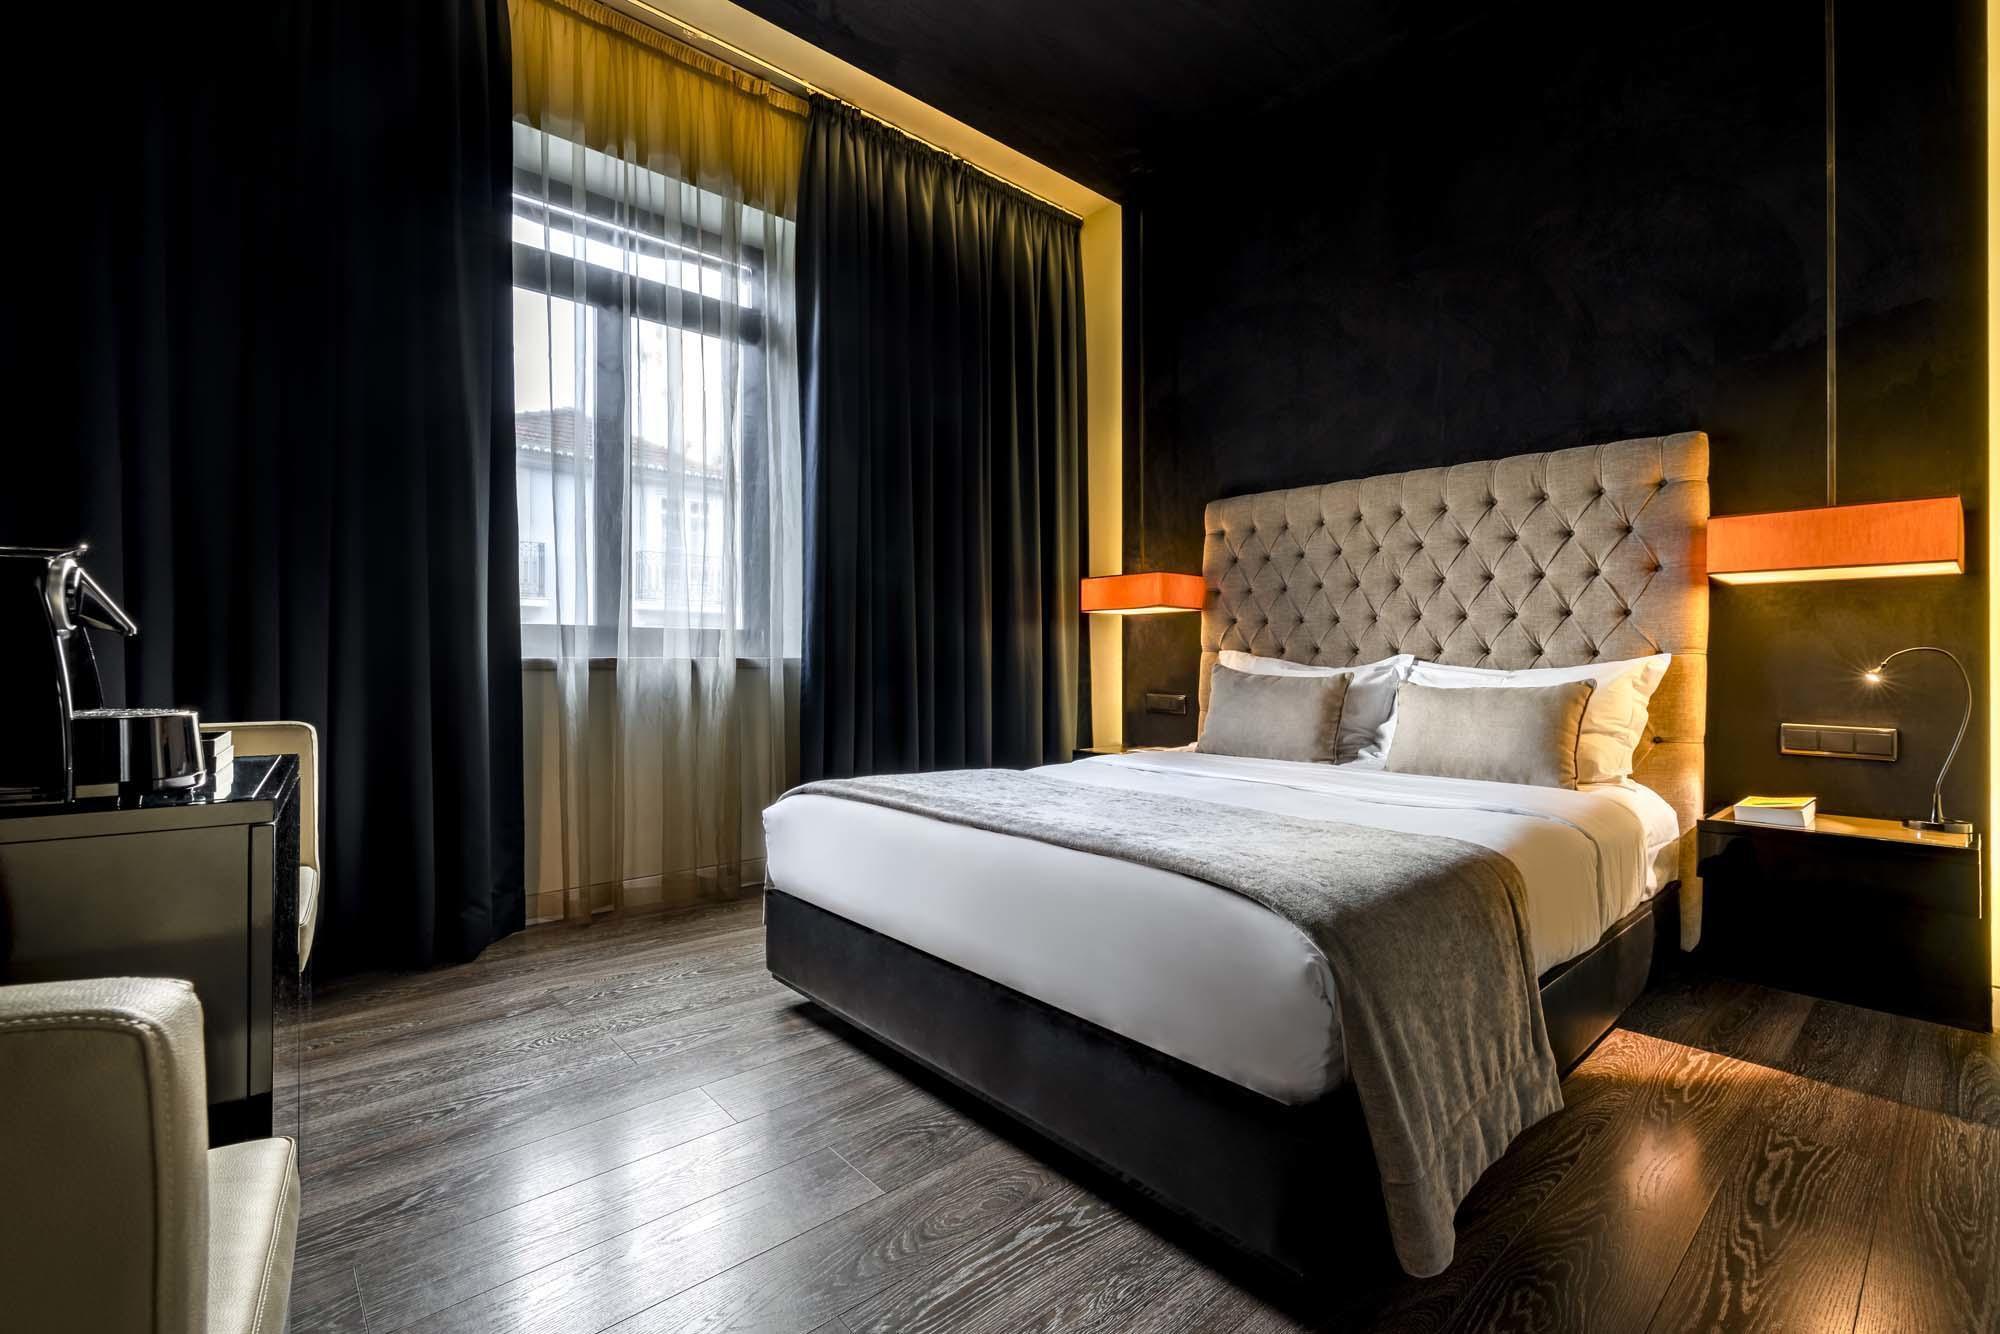 Les chambres supérieures | 9 Hotel Mercy Lisbonne